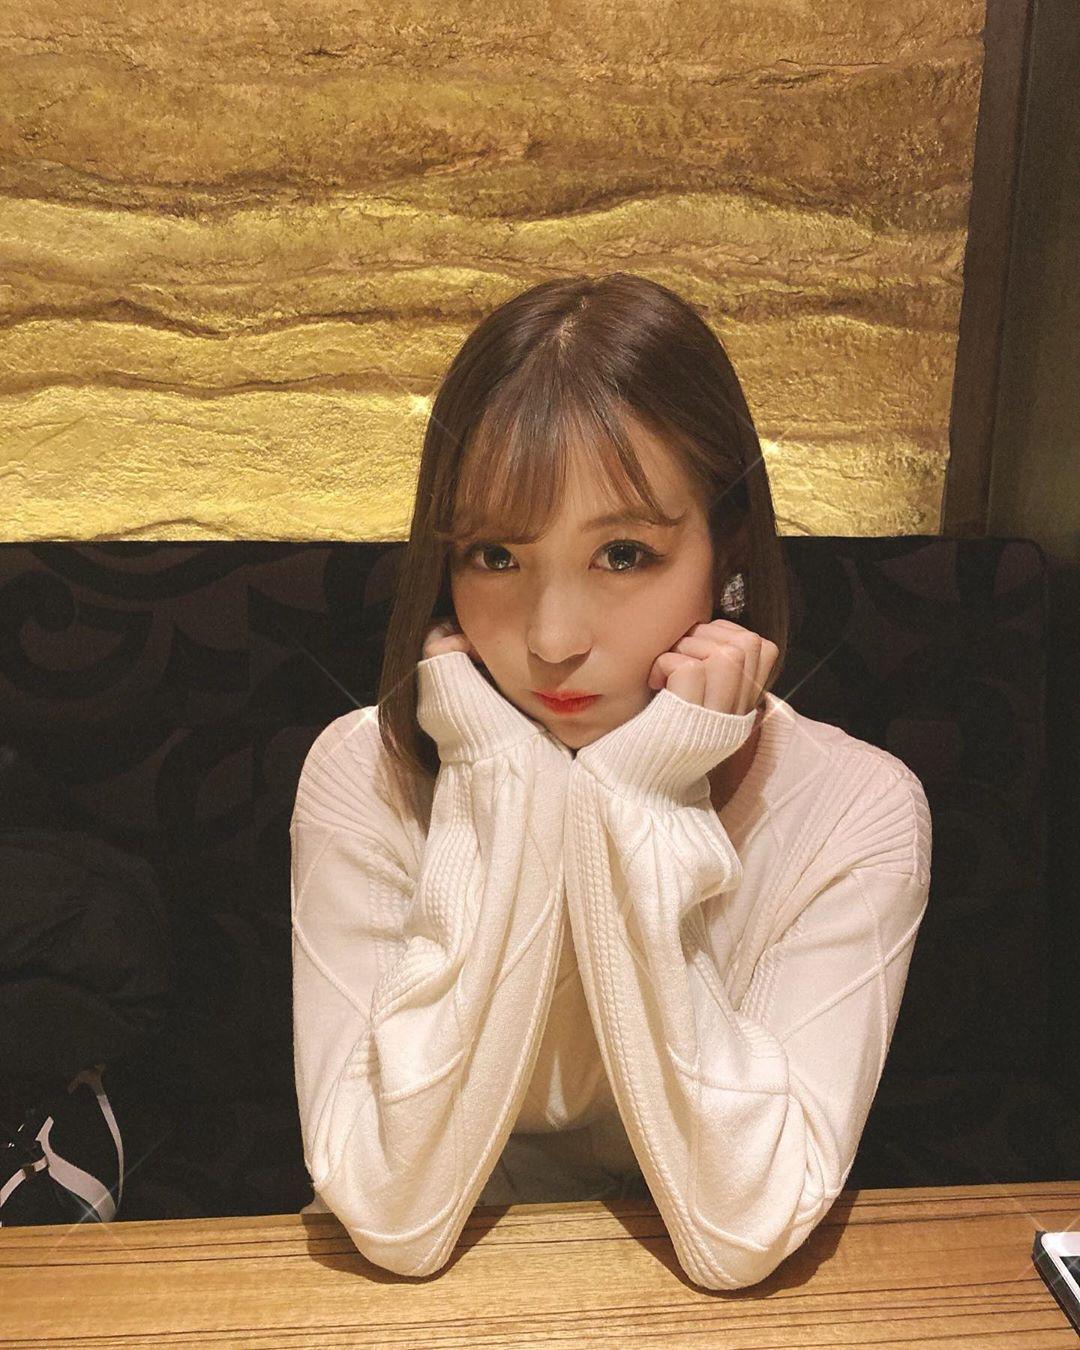 ishihara_yuriko174.jpg